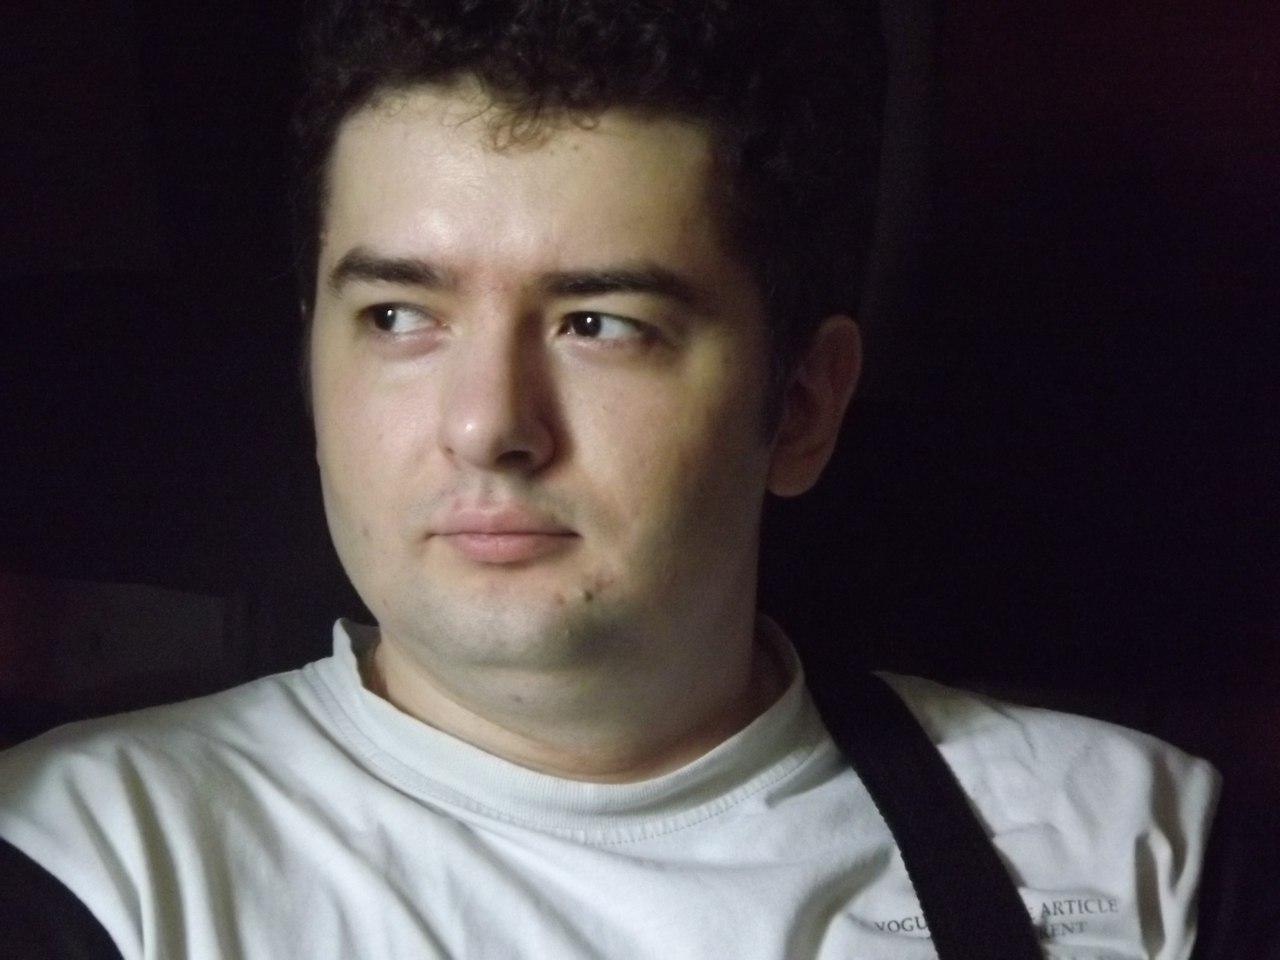 Порно лоликон запрещенное к показу в россии